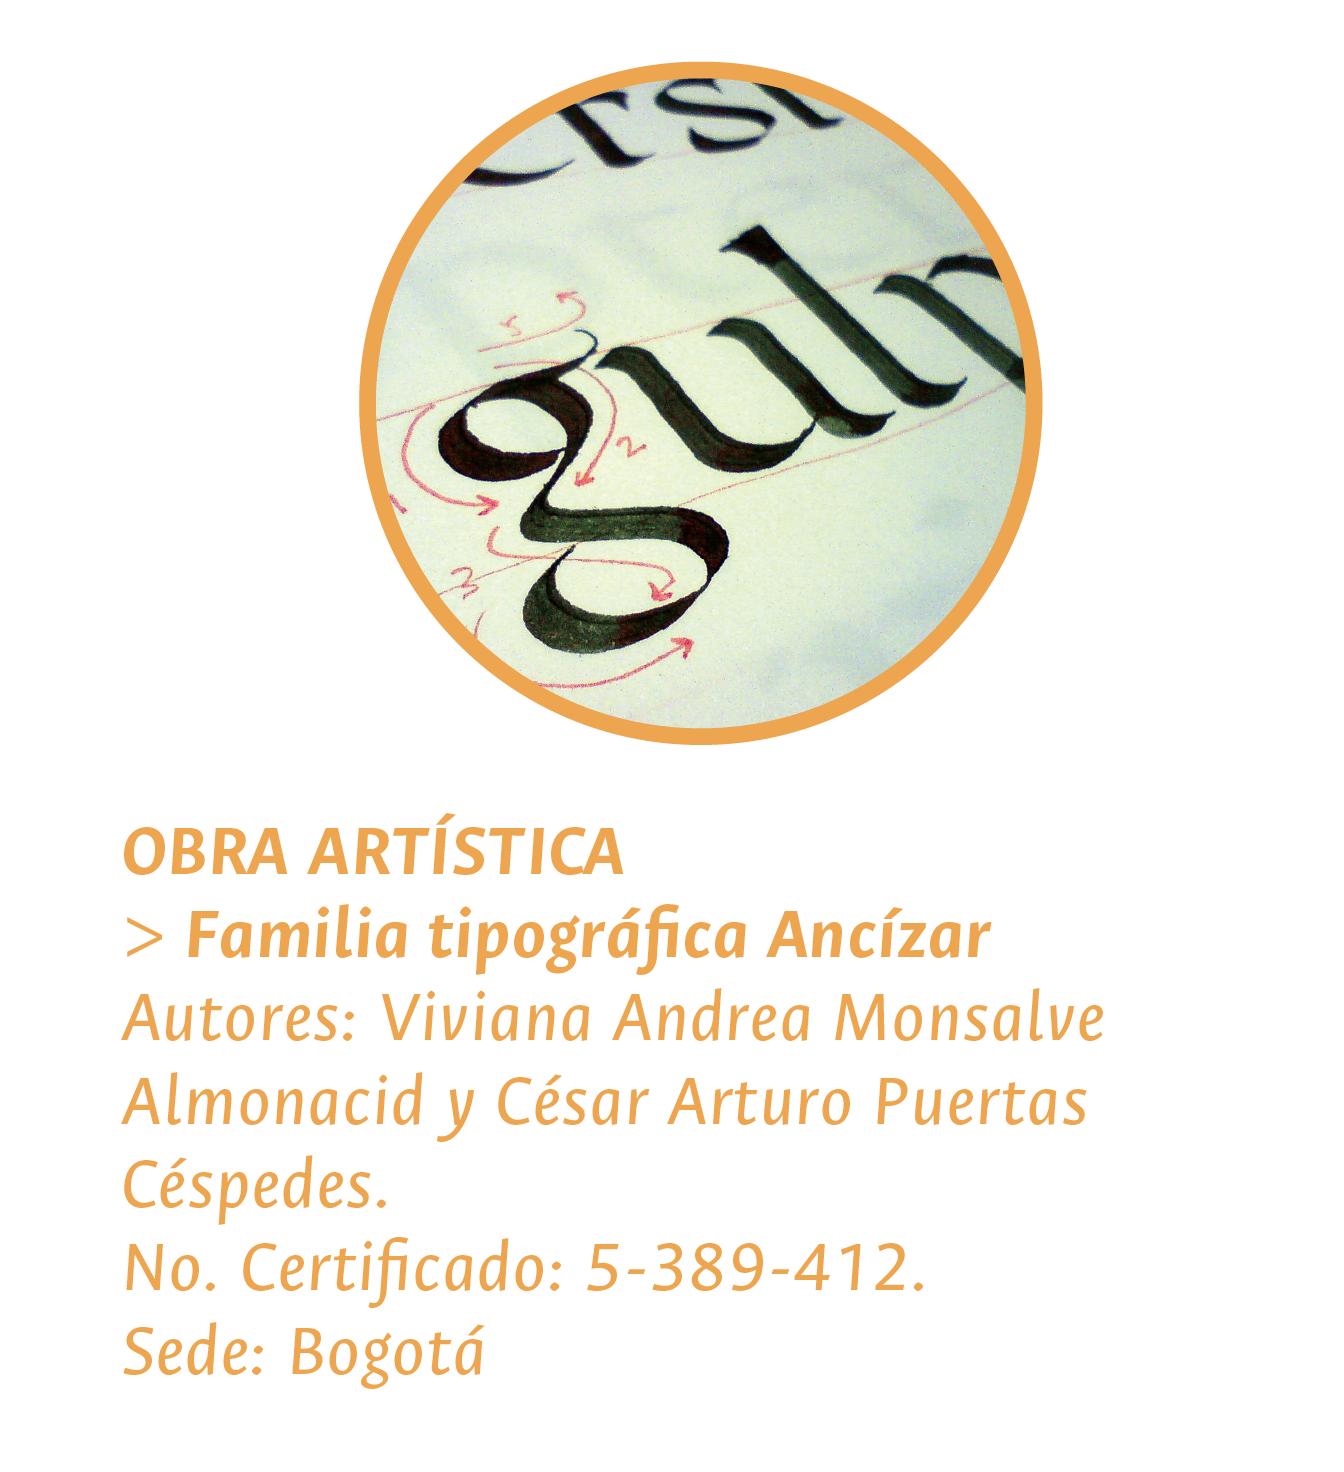 OBRA ARTÍSTICA: > «Familia tipográfica Ancízar». Autores: Viviana Andrea Monsalve Almonacid y César Arturo Puertas Céspedes. No. Certificado: 5-389-412. Sede: Bogotá